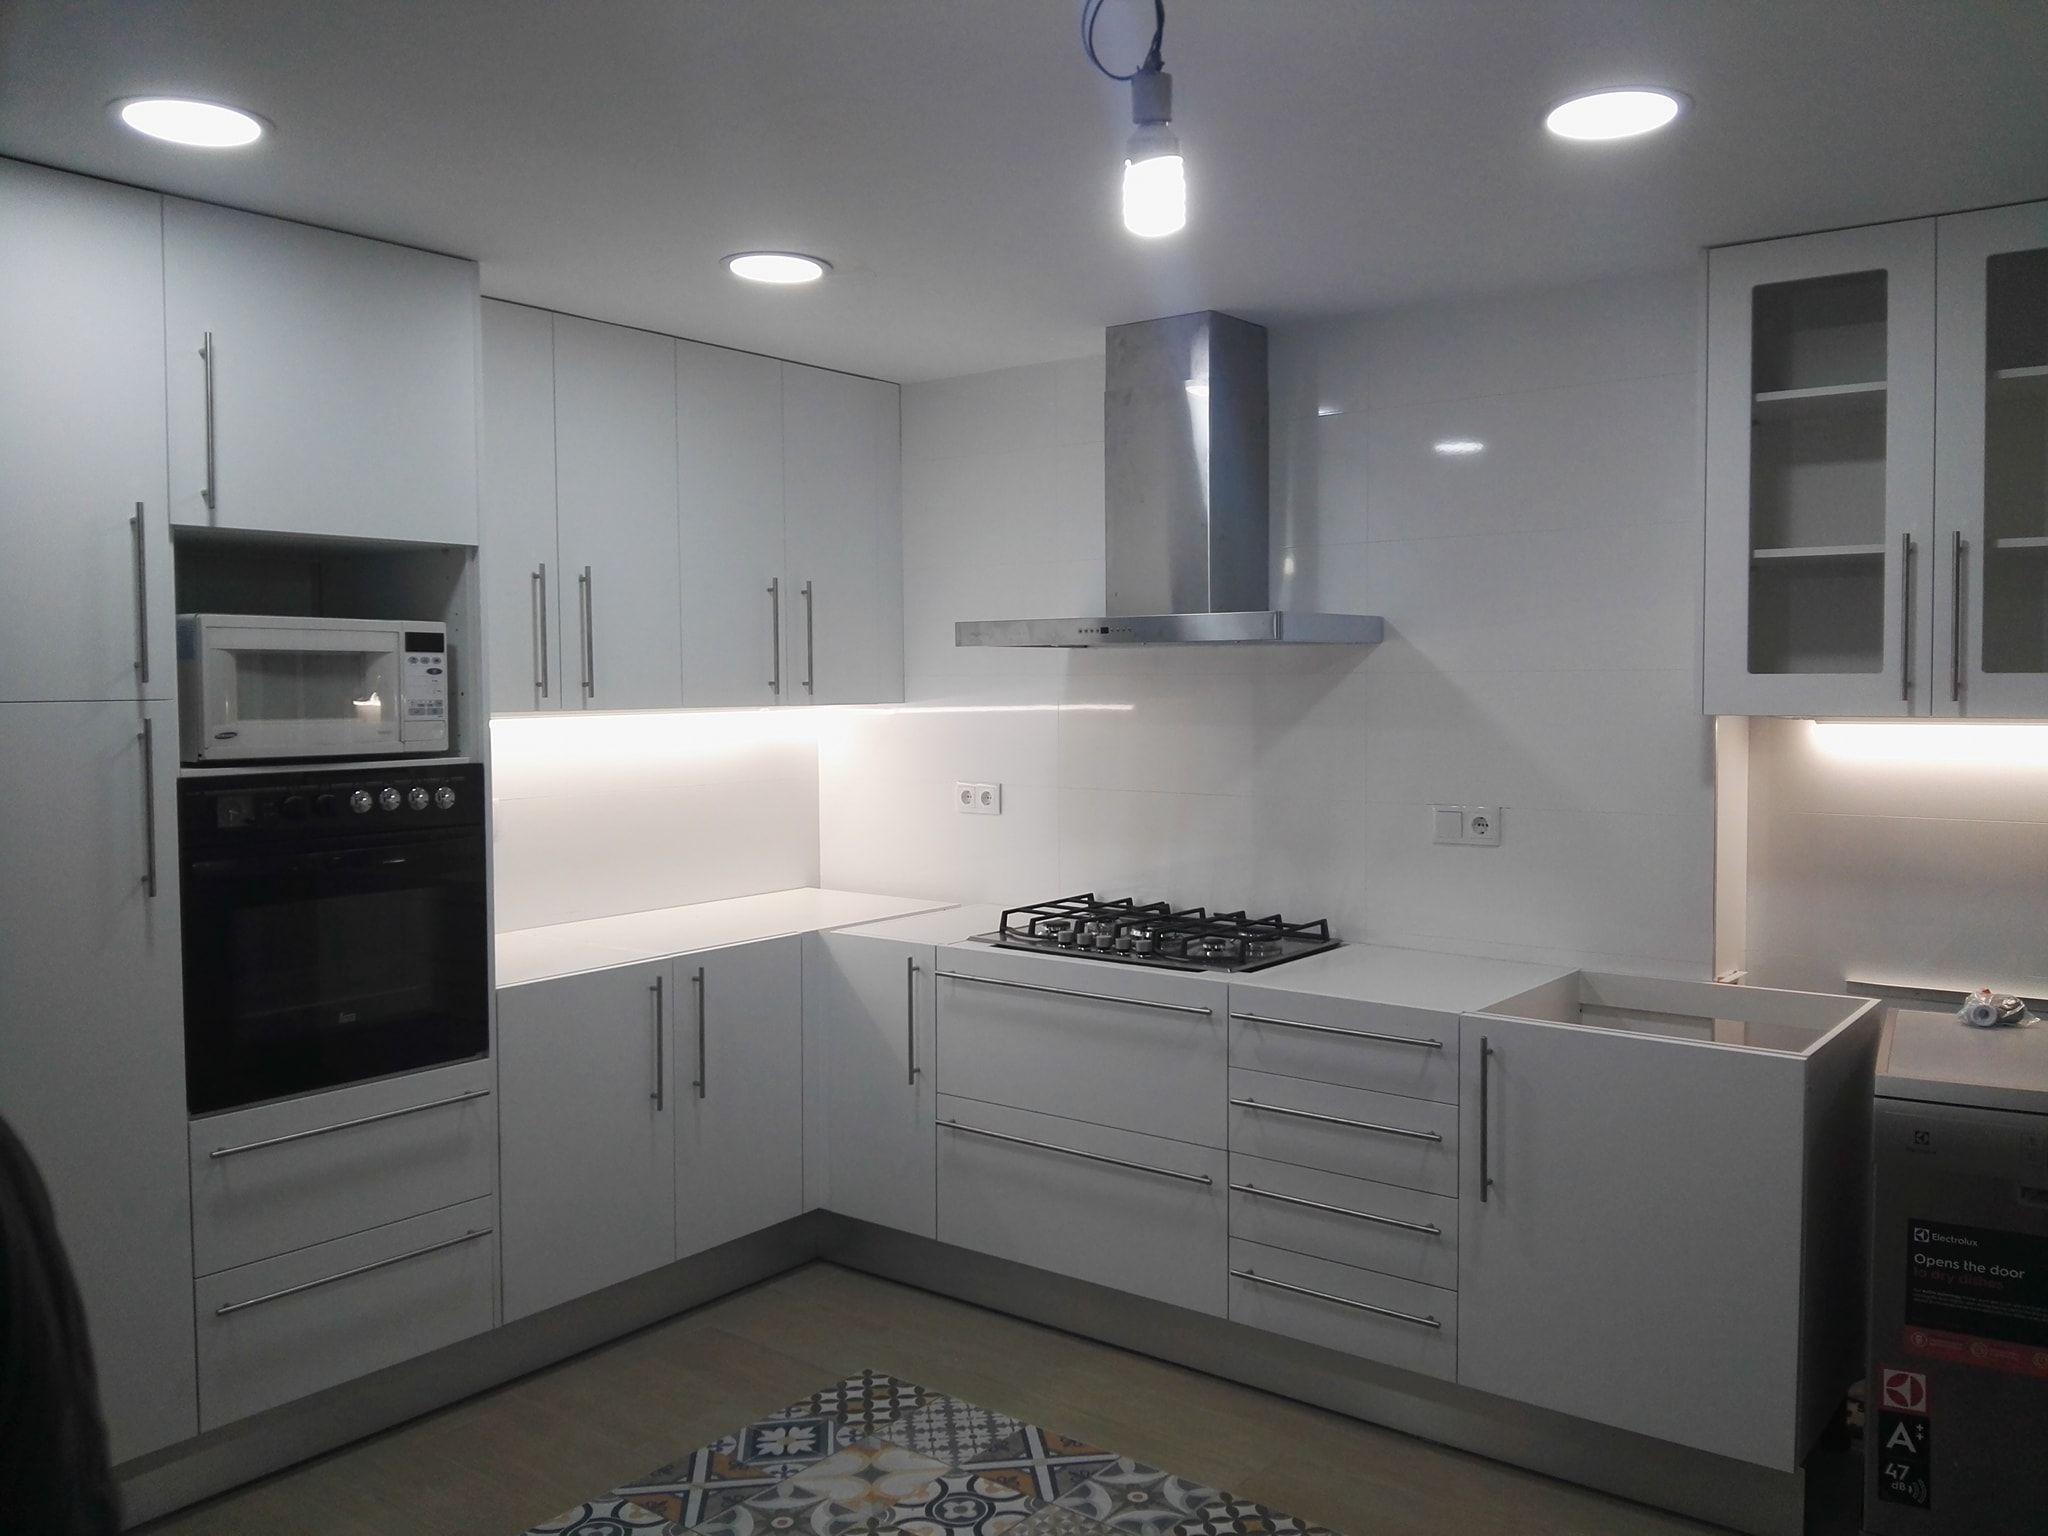 Muebles de cocina y baño en Alicante